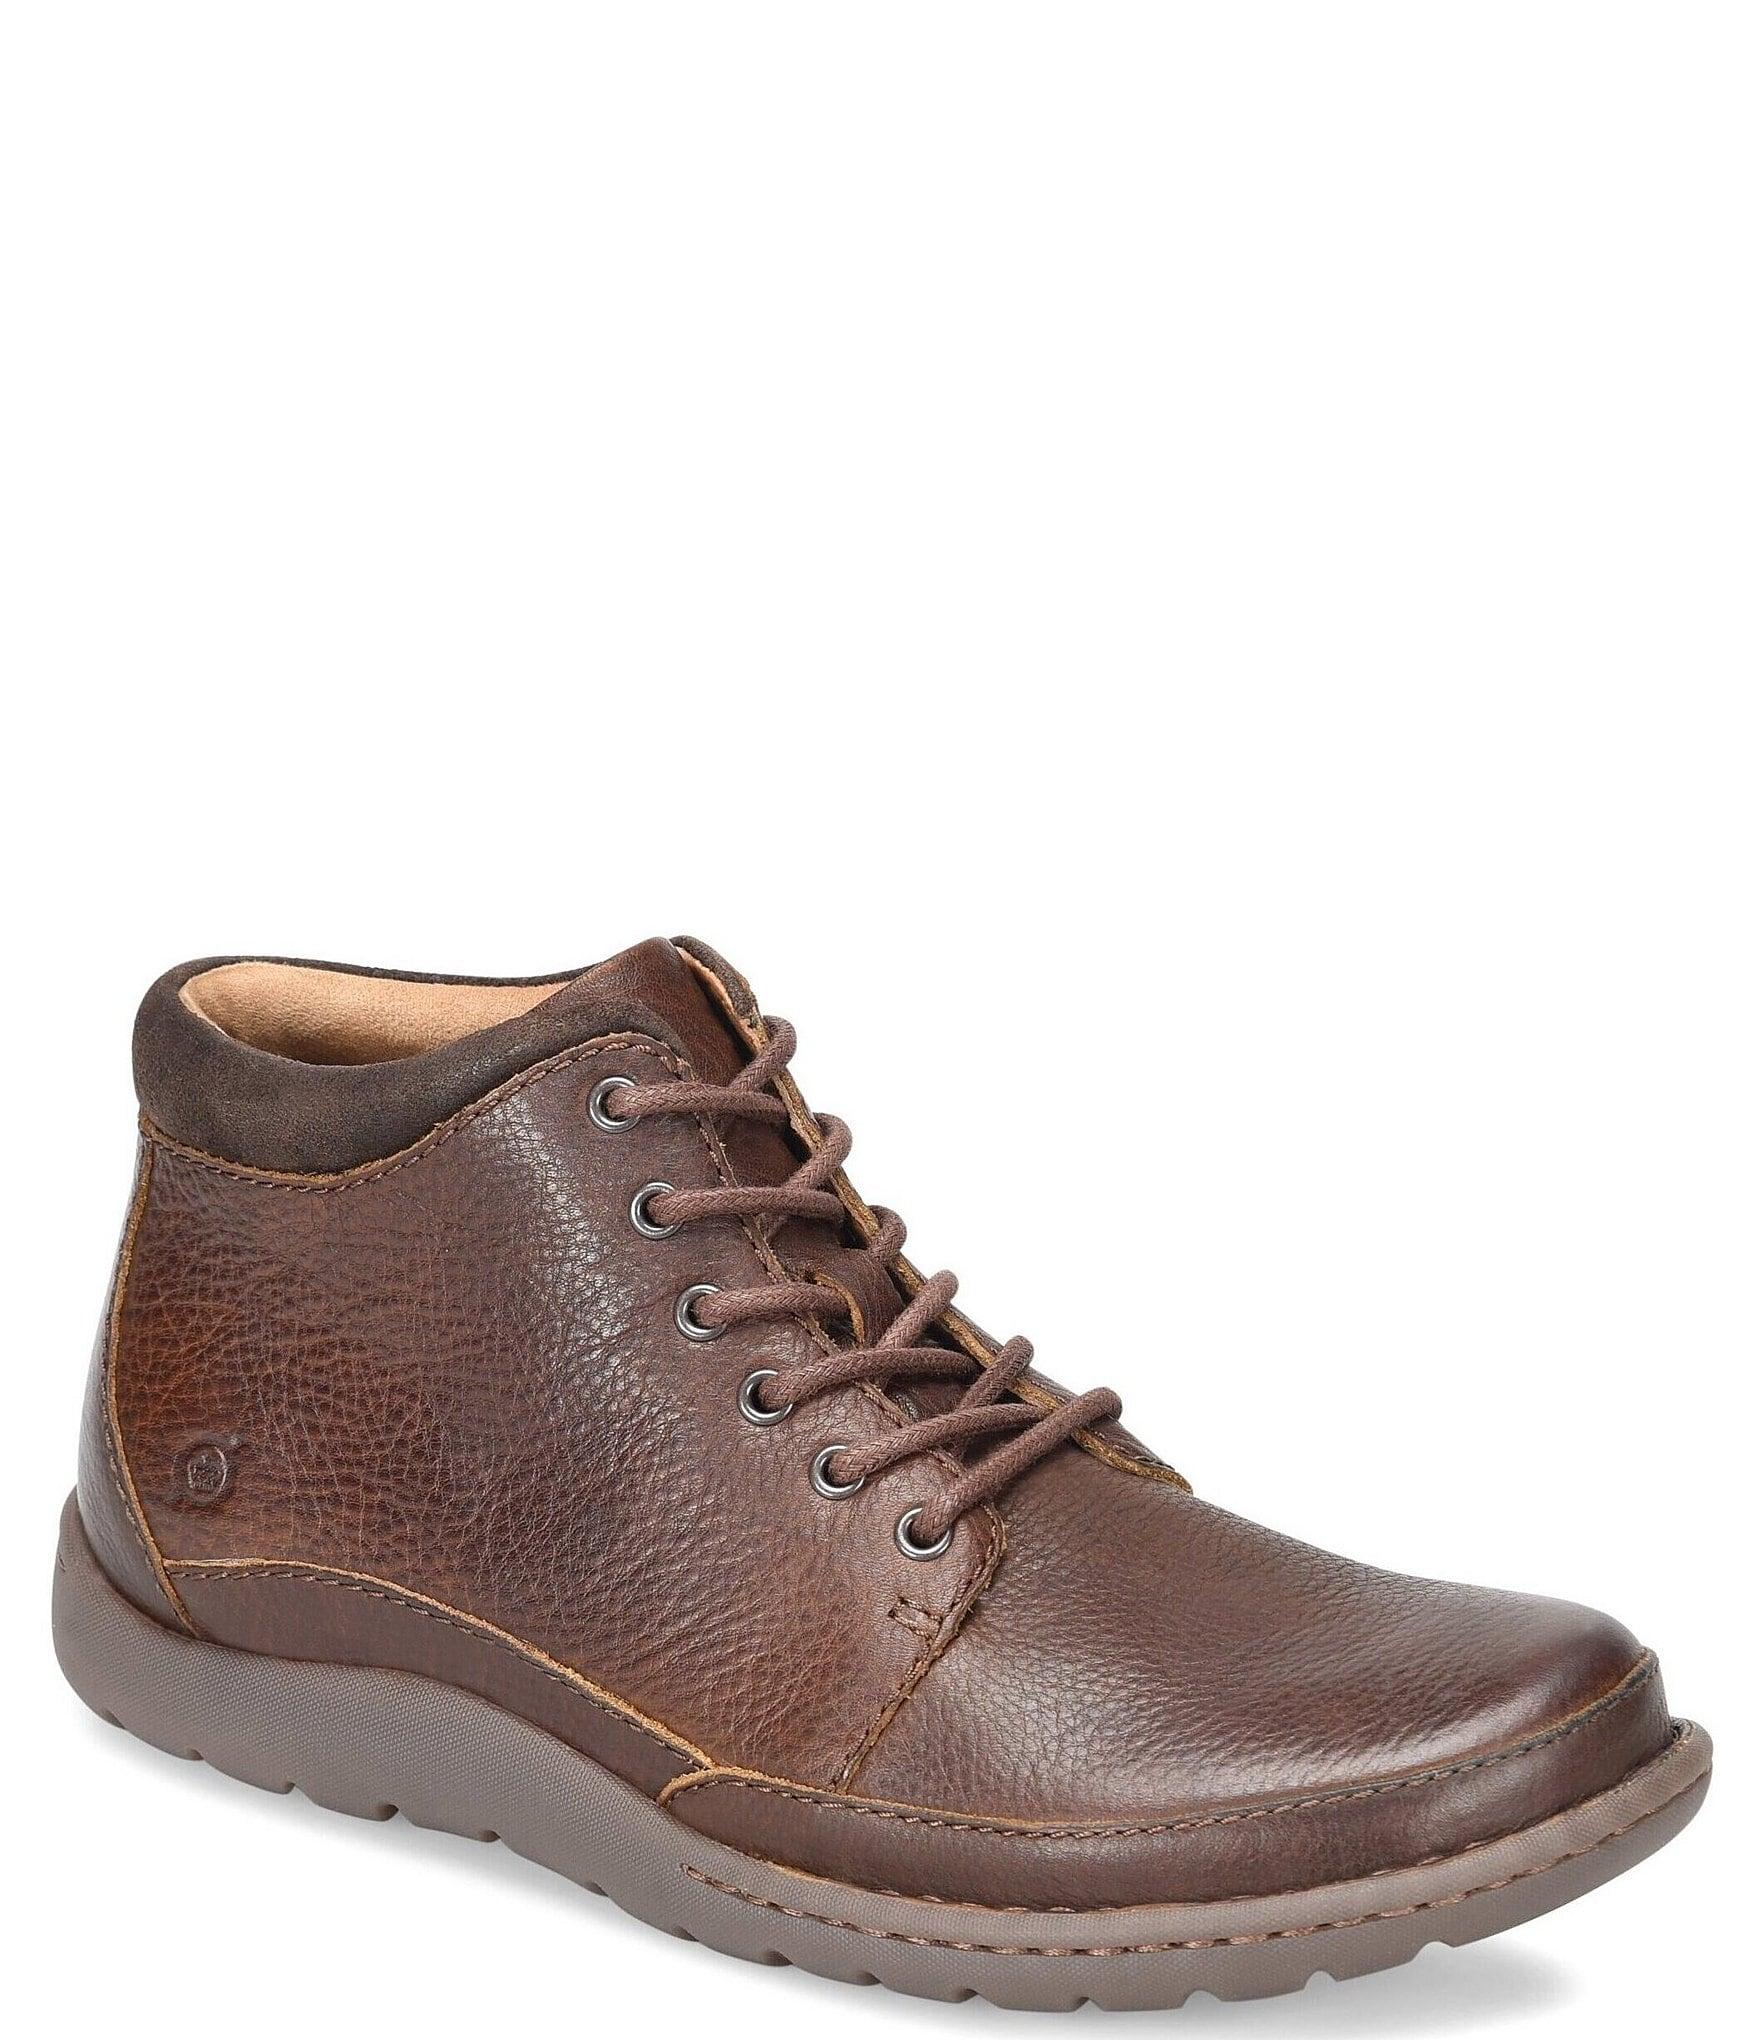 1d69b1019ff Born Men's Nigel Boots